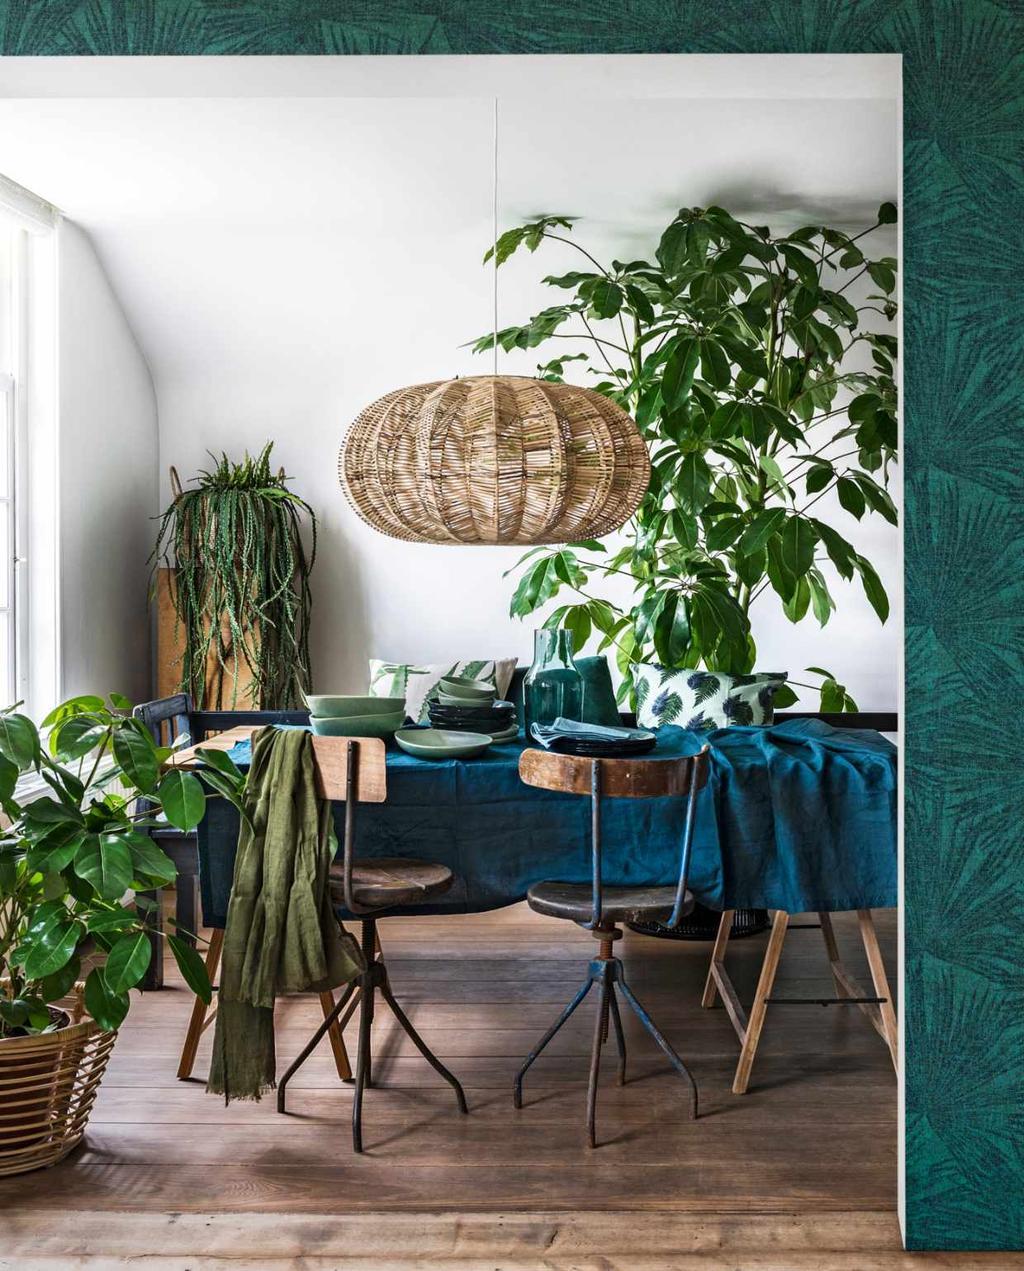 kamerplanten - planten - vtwonen